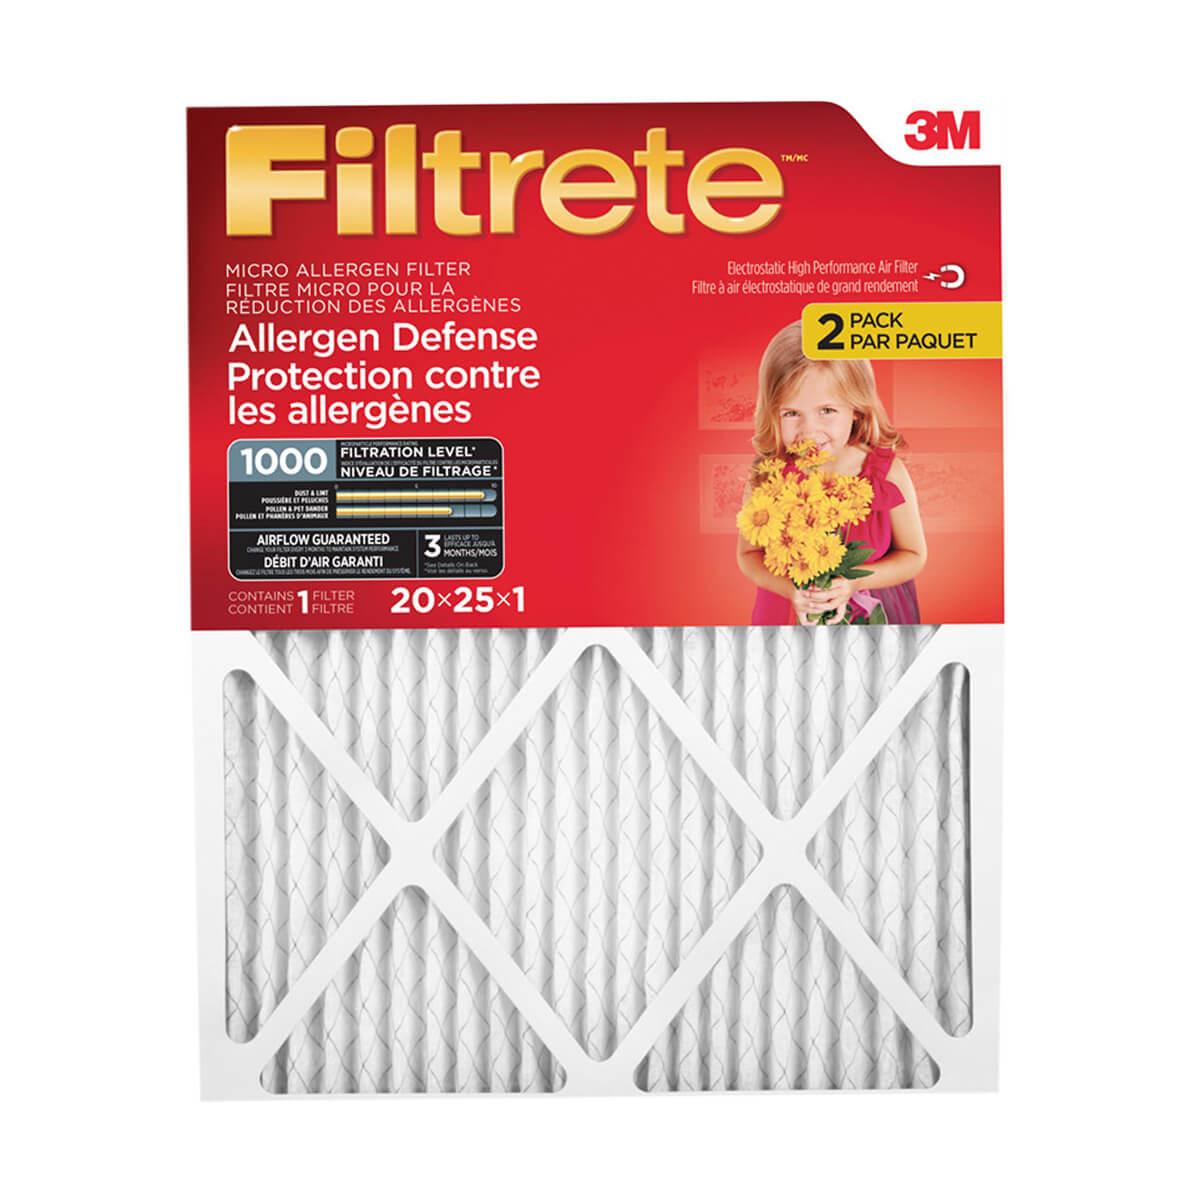 """Filtrete Allergen Defense Micro Allergen Filter, MPR 1000, 2 Pack - 20"""" x 25"""" x 1"""""""